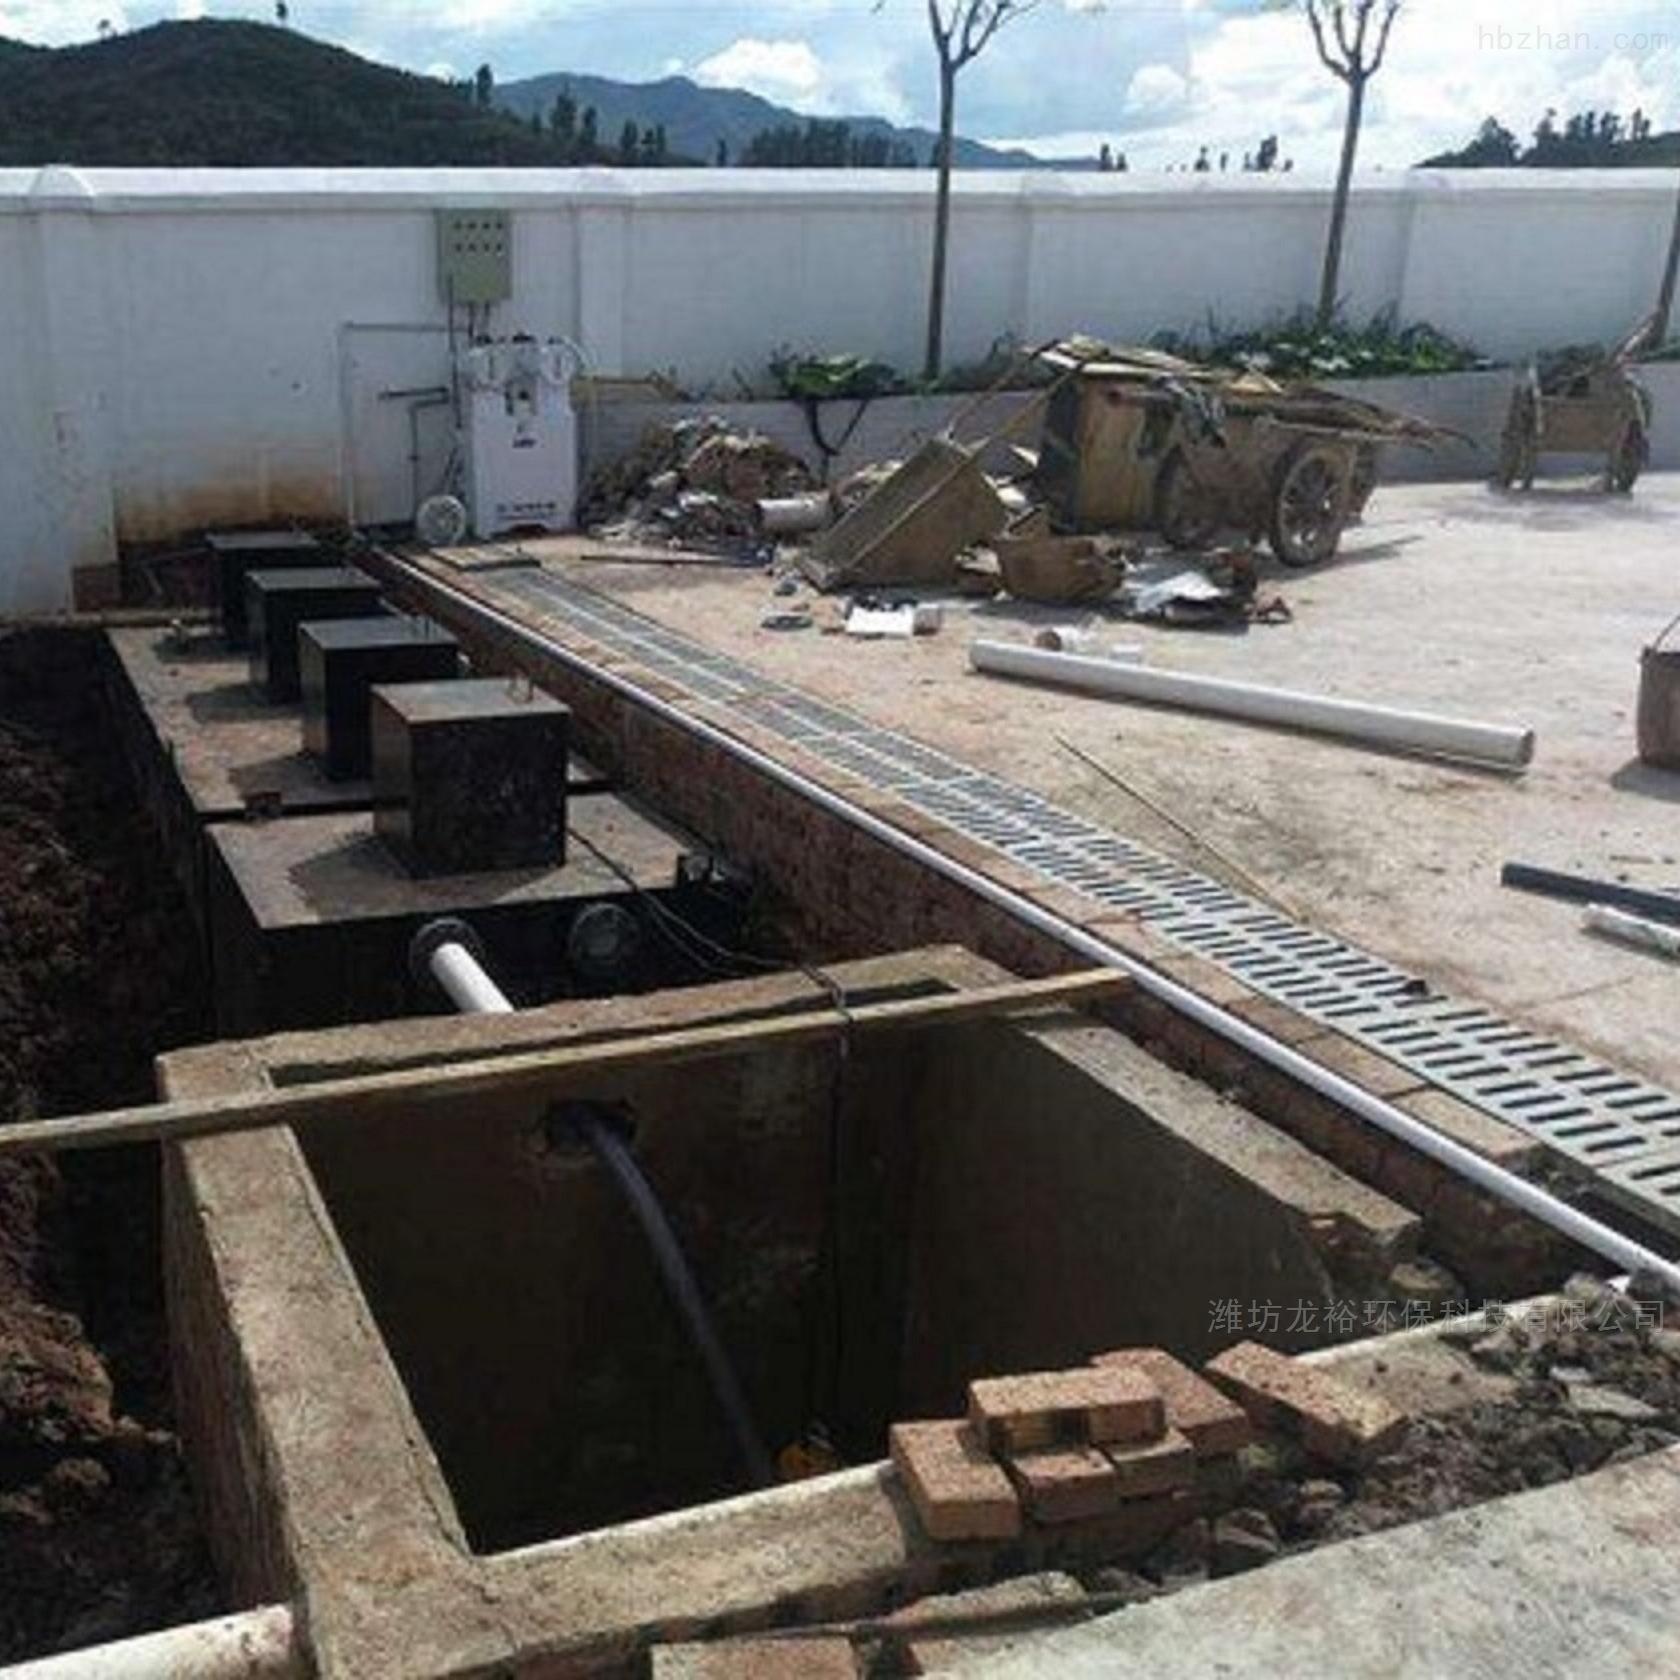 山西农村生活污水处理设备厂家